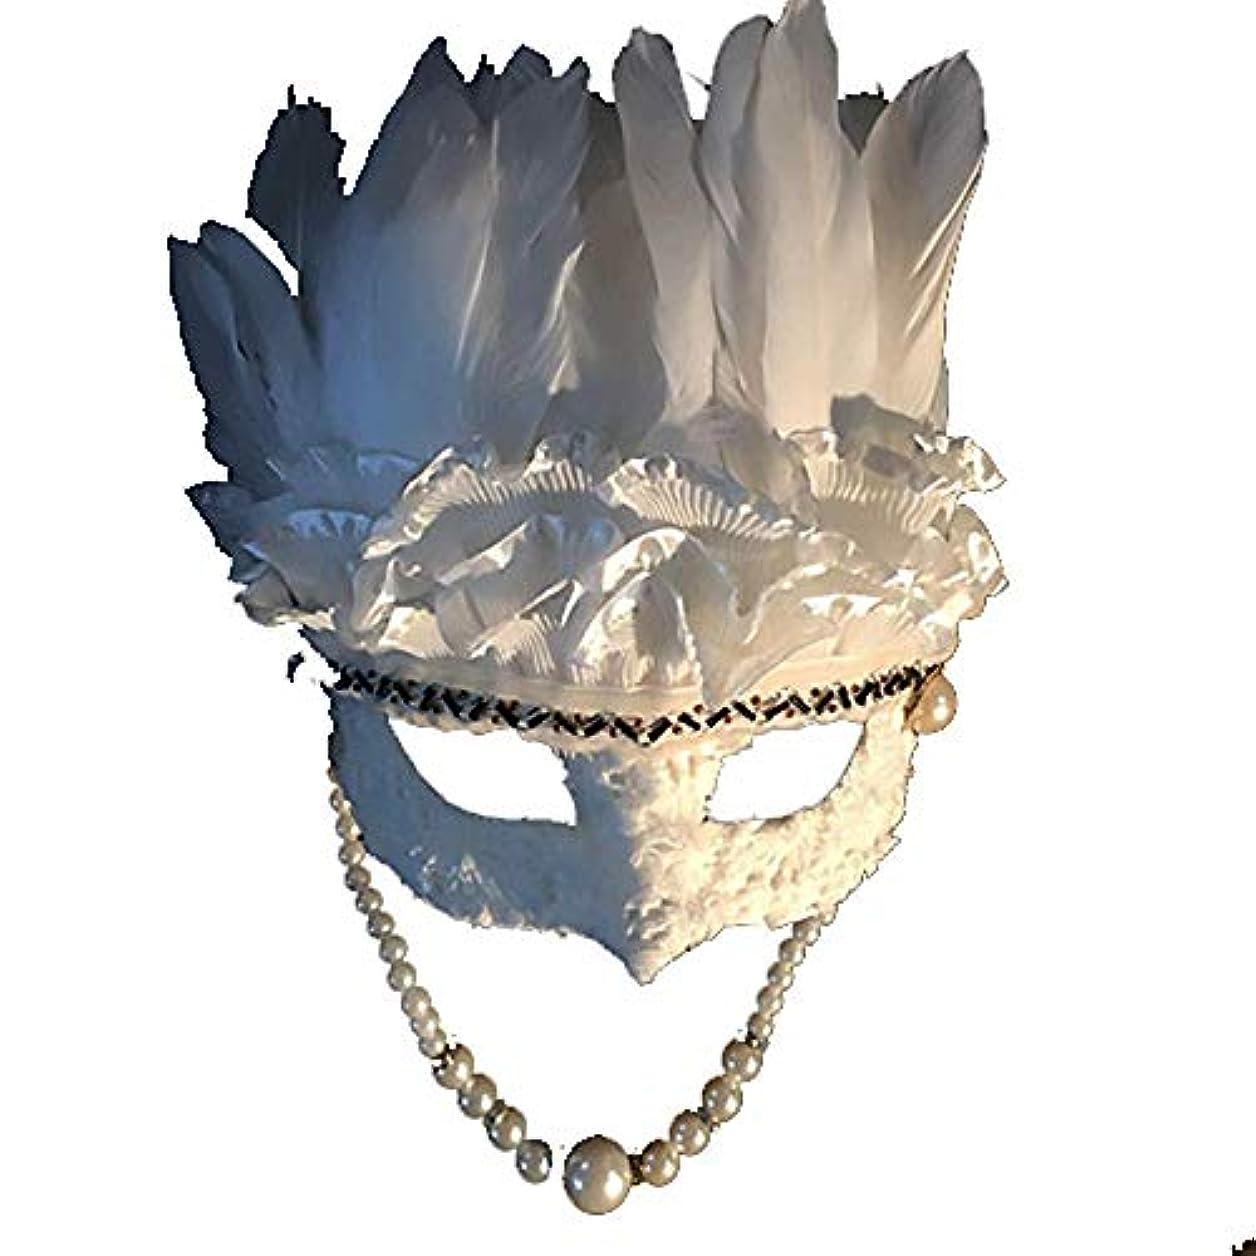 正午幻想的涙Nanle ハロウィンクリスマスフェザースパンコール刺繍ビーズマスク仮装マスクレディミスプリンセス美容祭パーティーデコレーションマスク